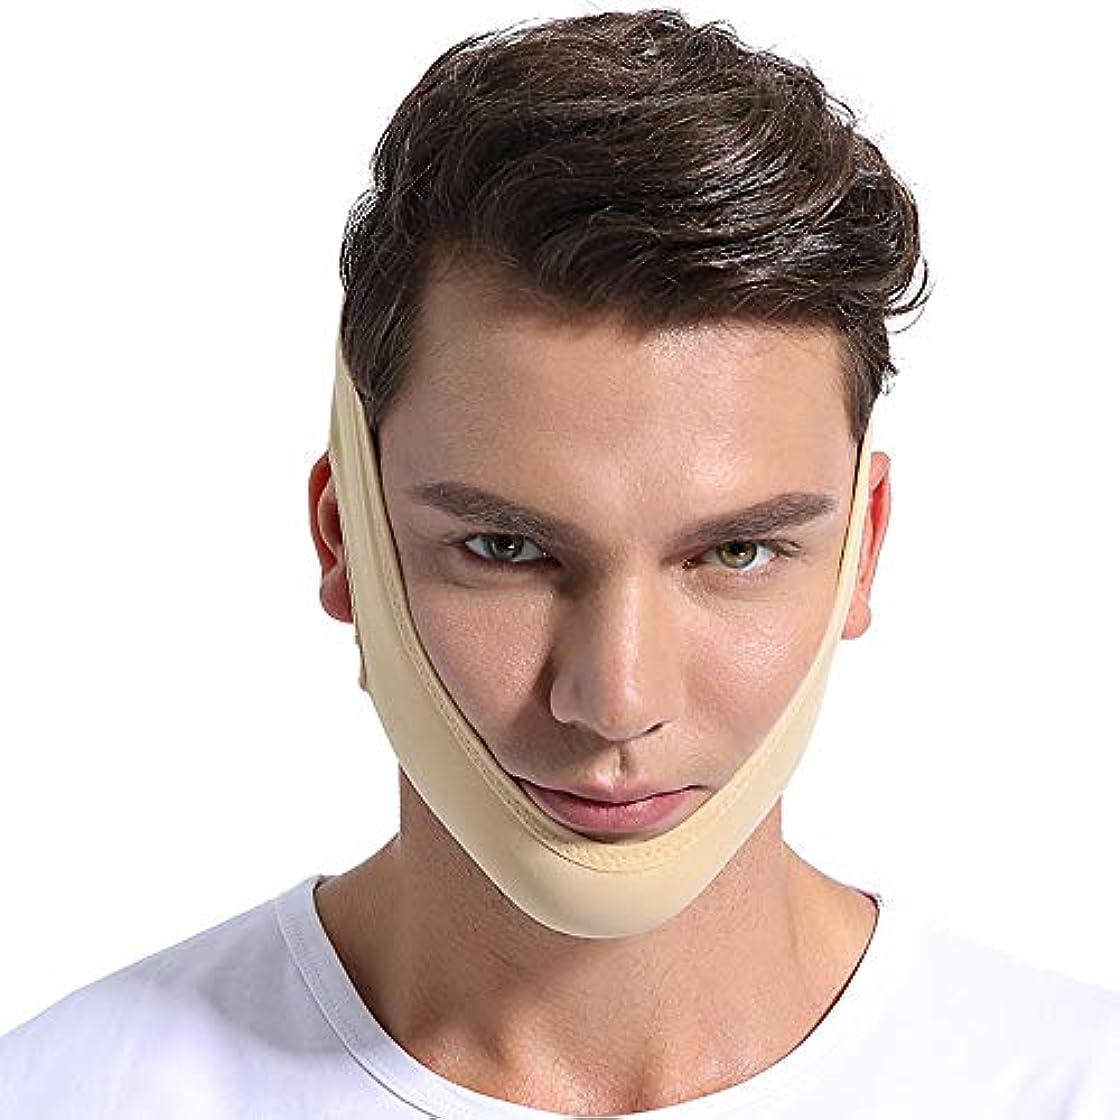 医師ジム従者女性用フェイススリミングマスク、ウェルネスマスク、フェイスケア用フェイスバンデージフェイシャルスリミングマスクシンネックフェイスリフトダブルチンVフェイスラインアンチストレスマスクスムース通気性スリムアップベルトストラップ